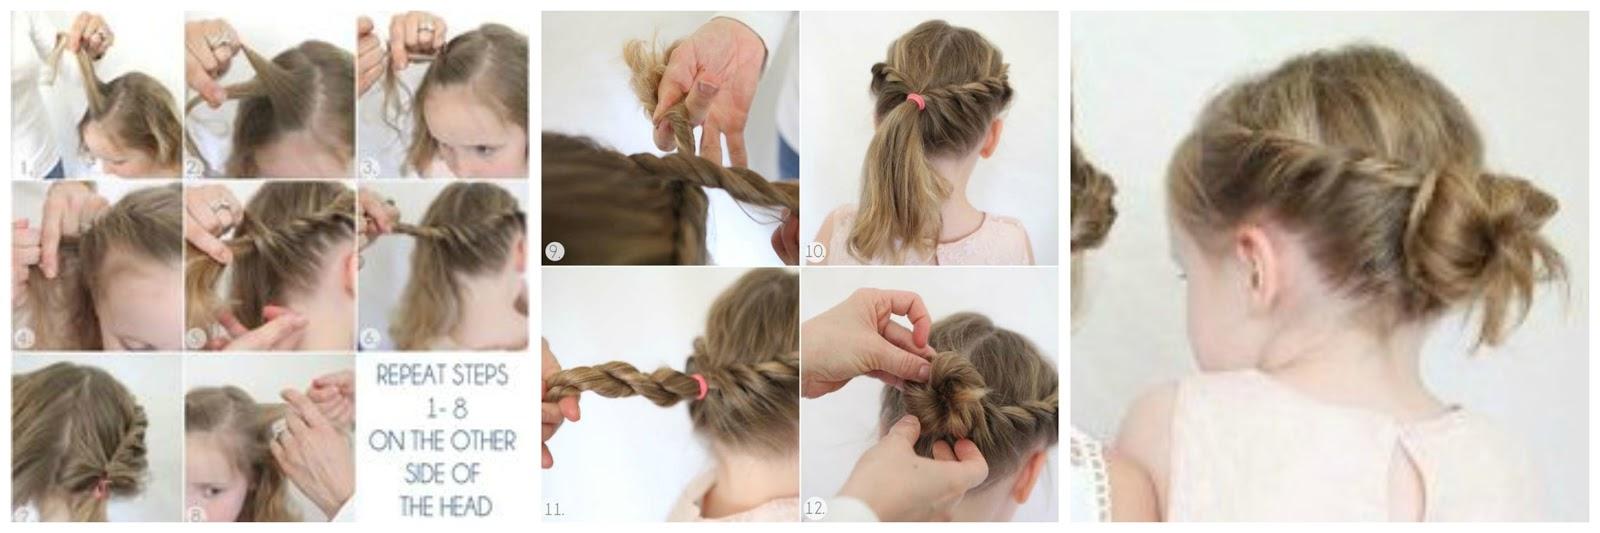 Peinados para niñas fáciles rapidos y bonitos Mujeres Femeninas - Peinados Para Niñas Com Paso Paso Gratis